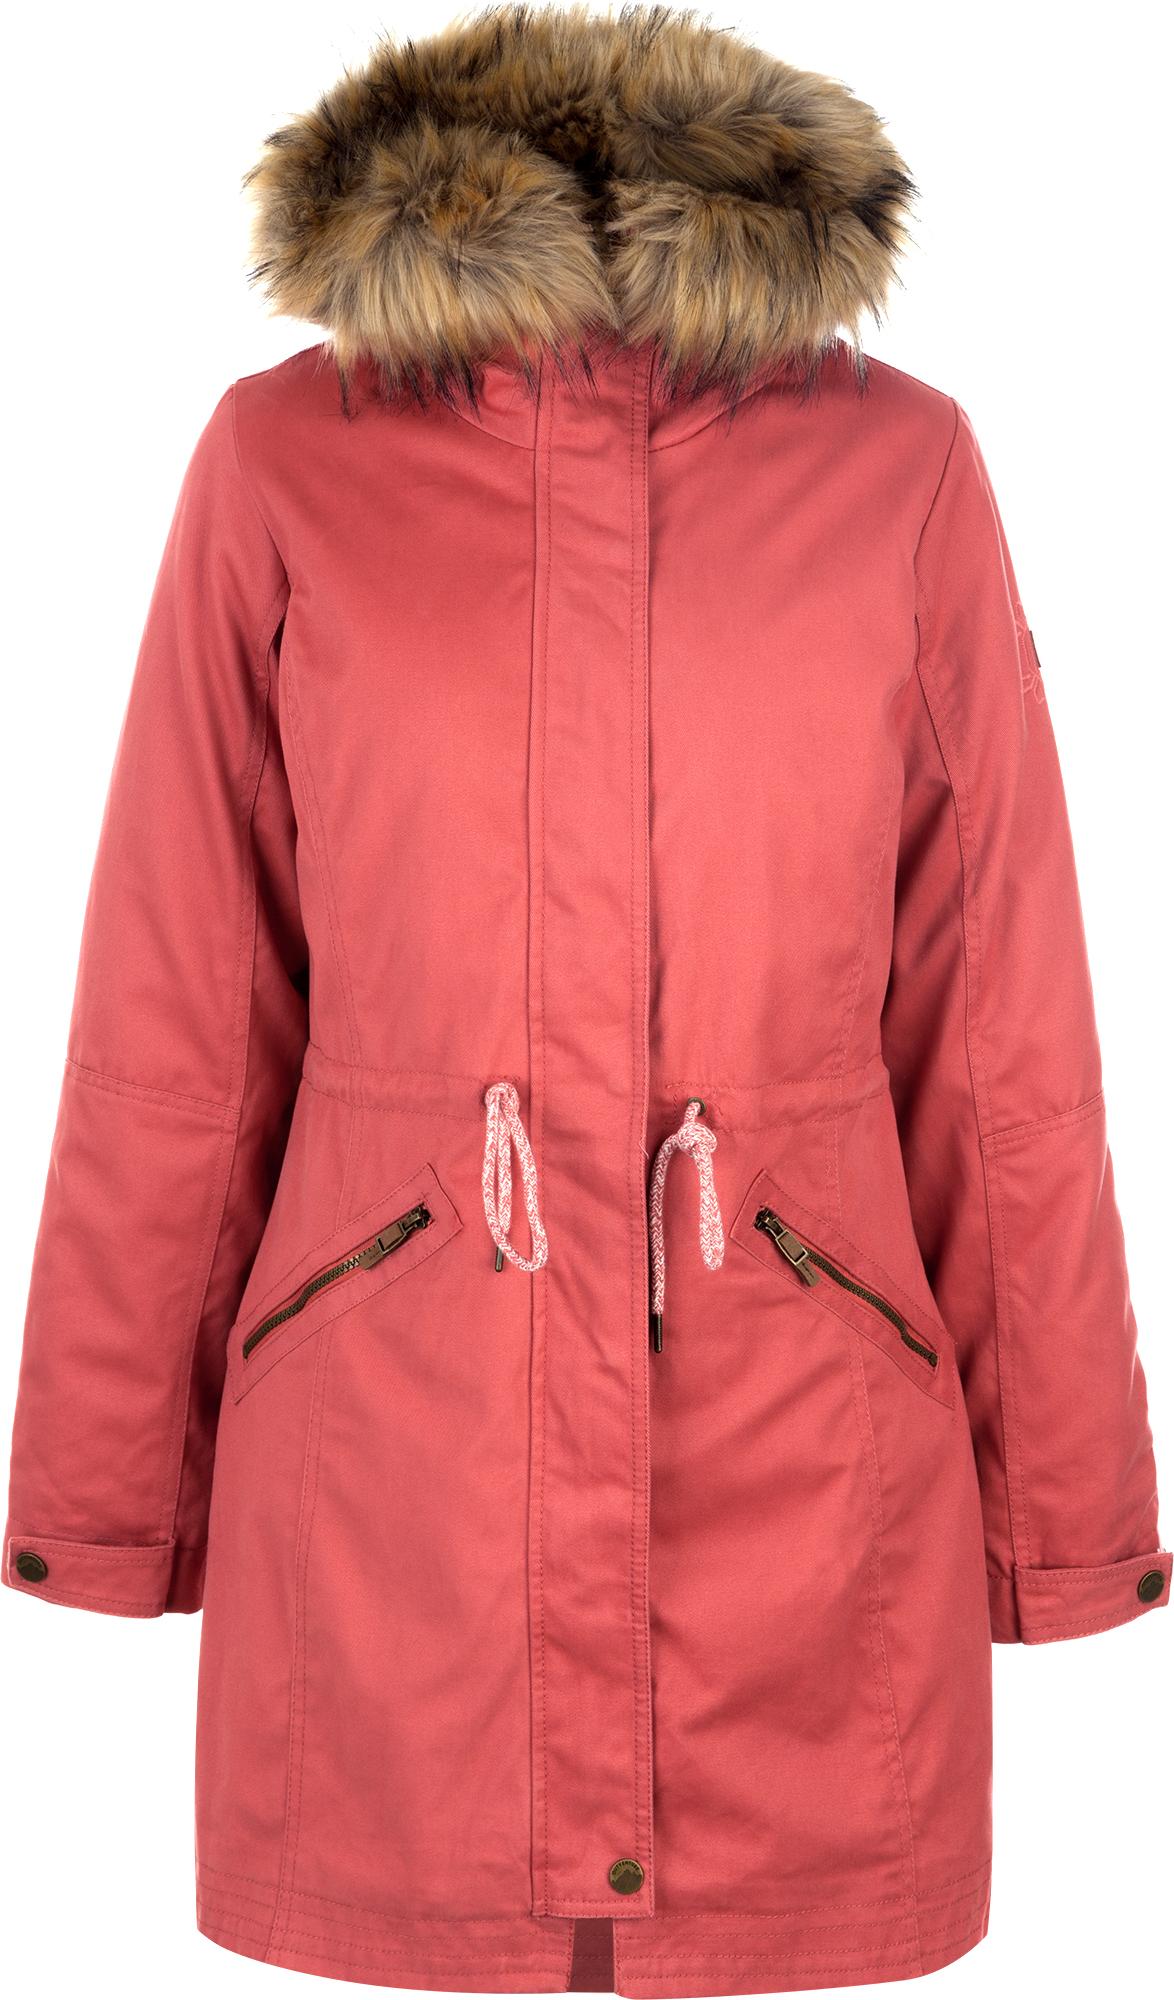 Outventure Куртка 3 в 1 женская Outventure outventure outventure sun 1